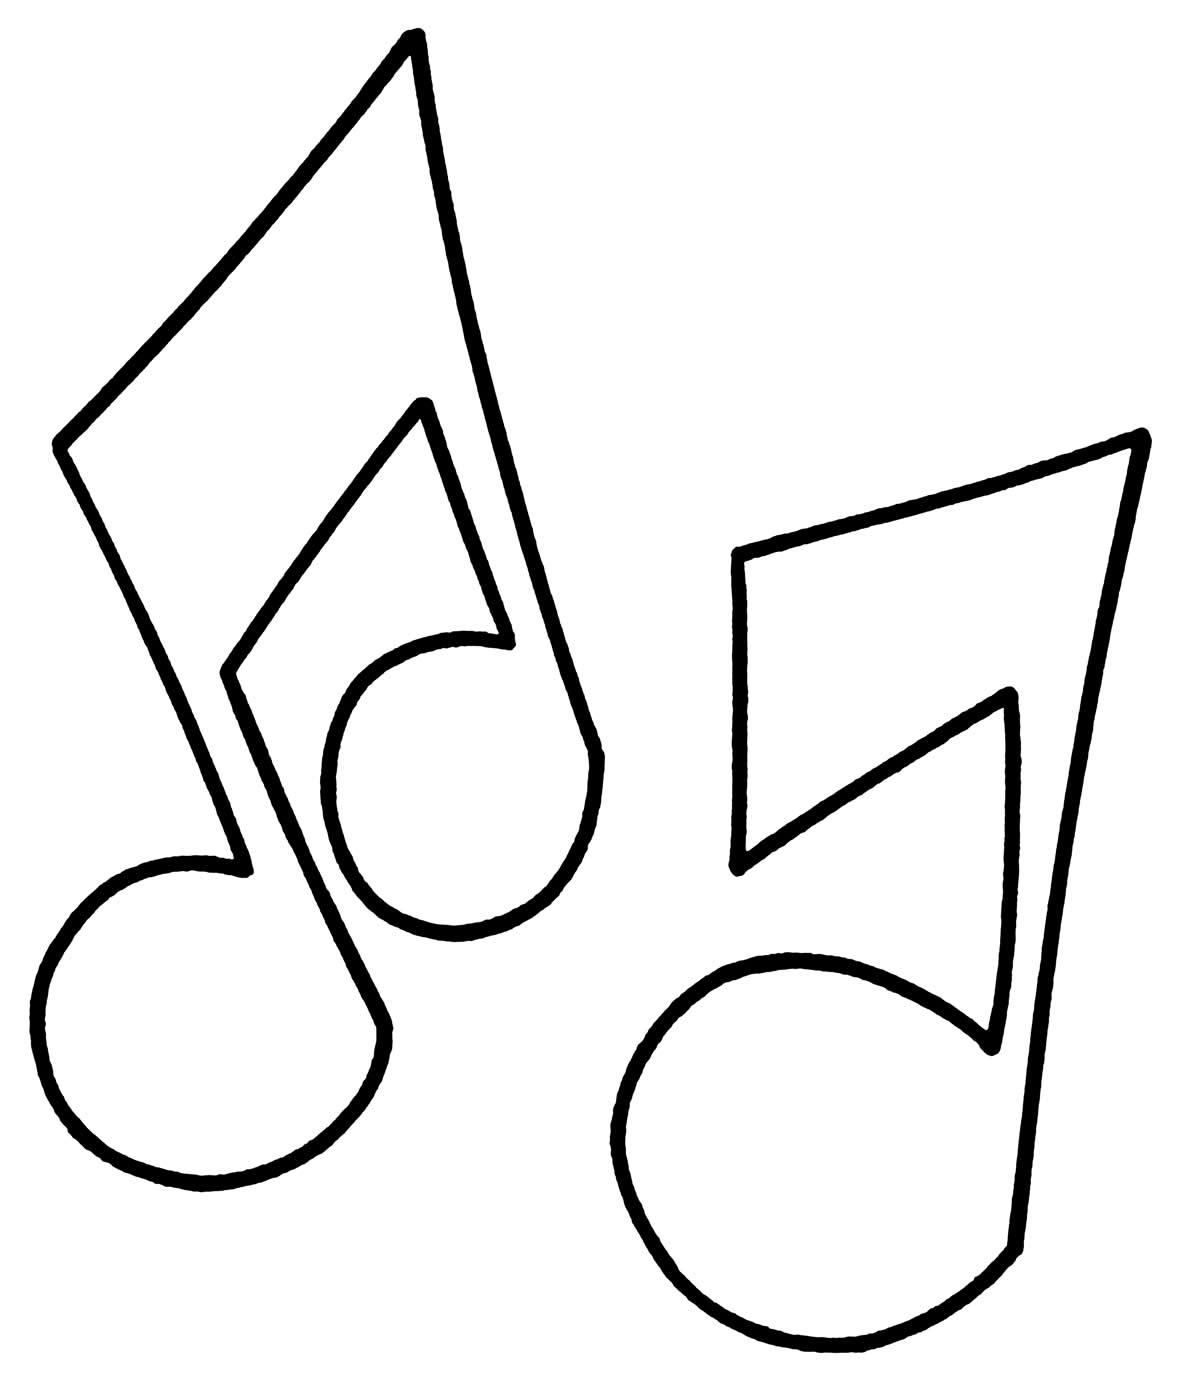 Desenho de nota musical para colorir